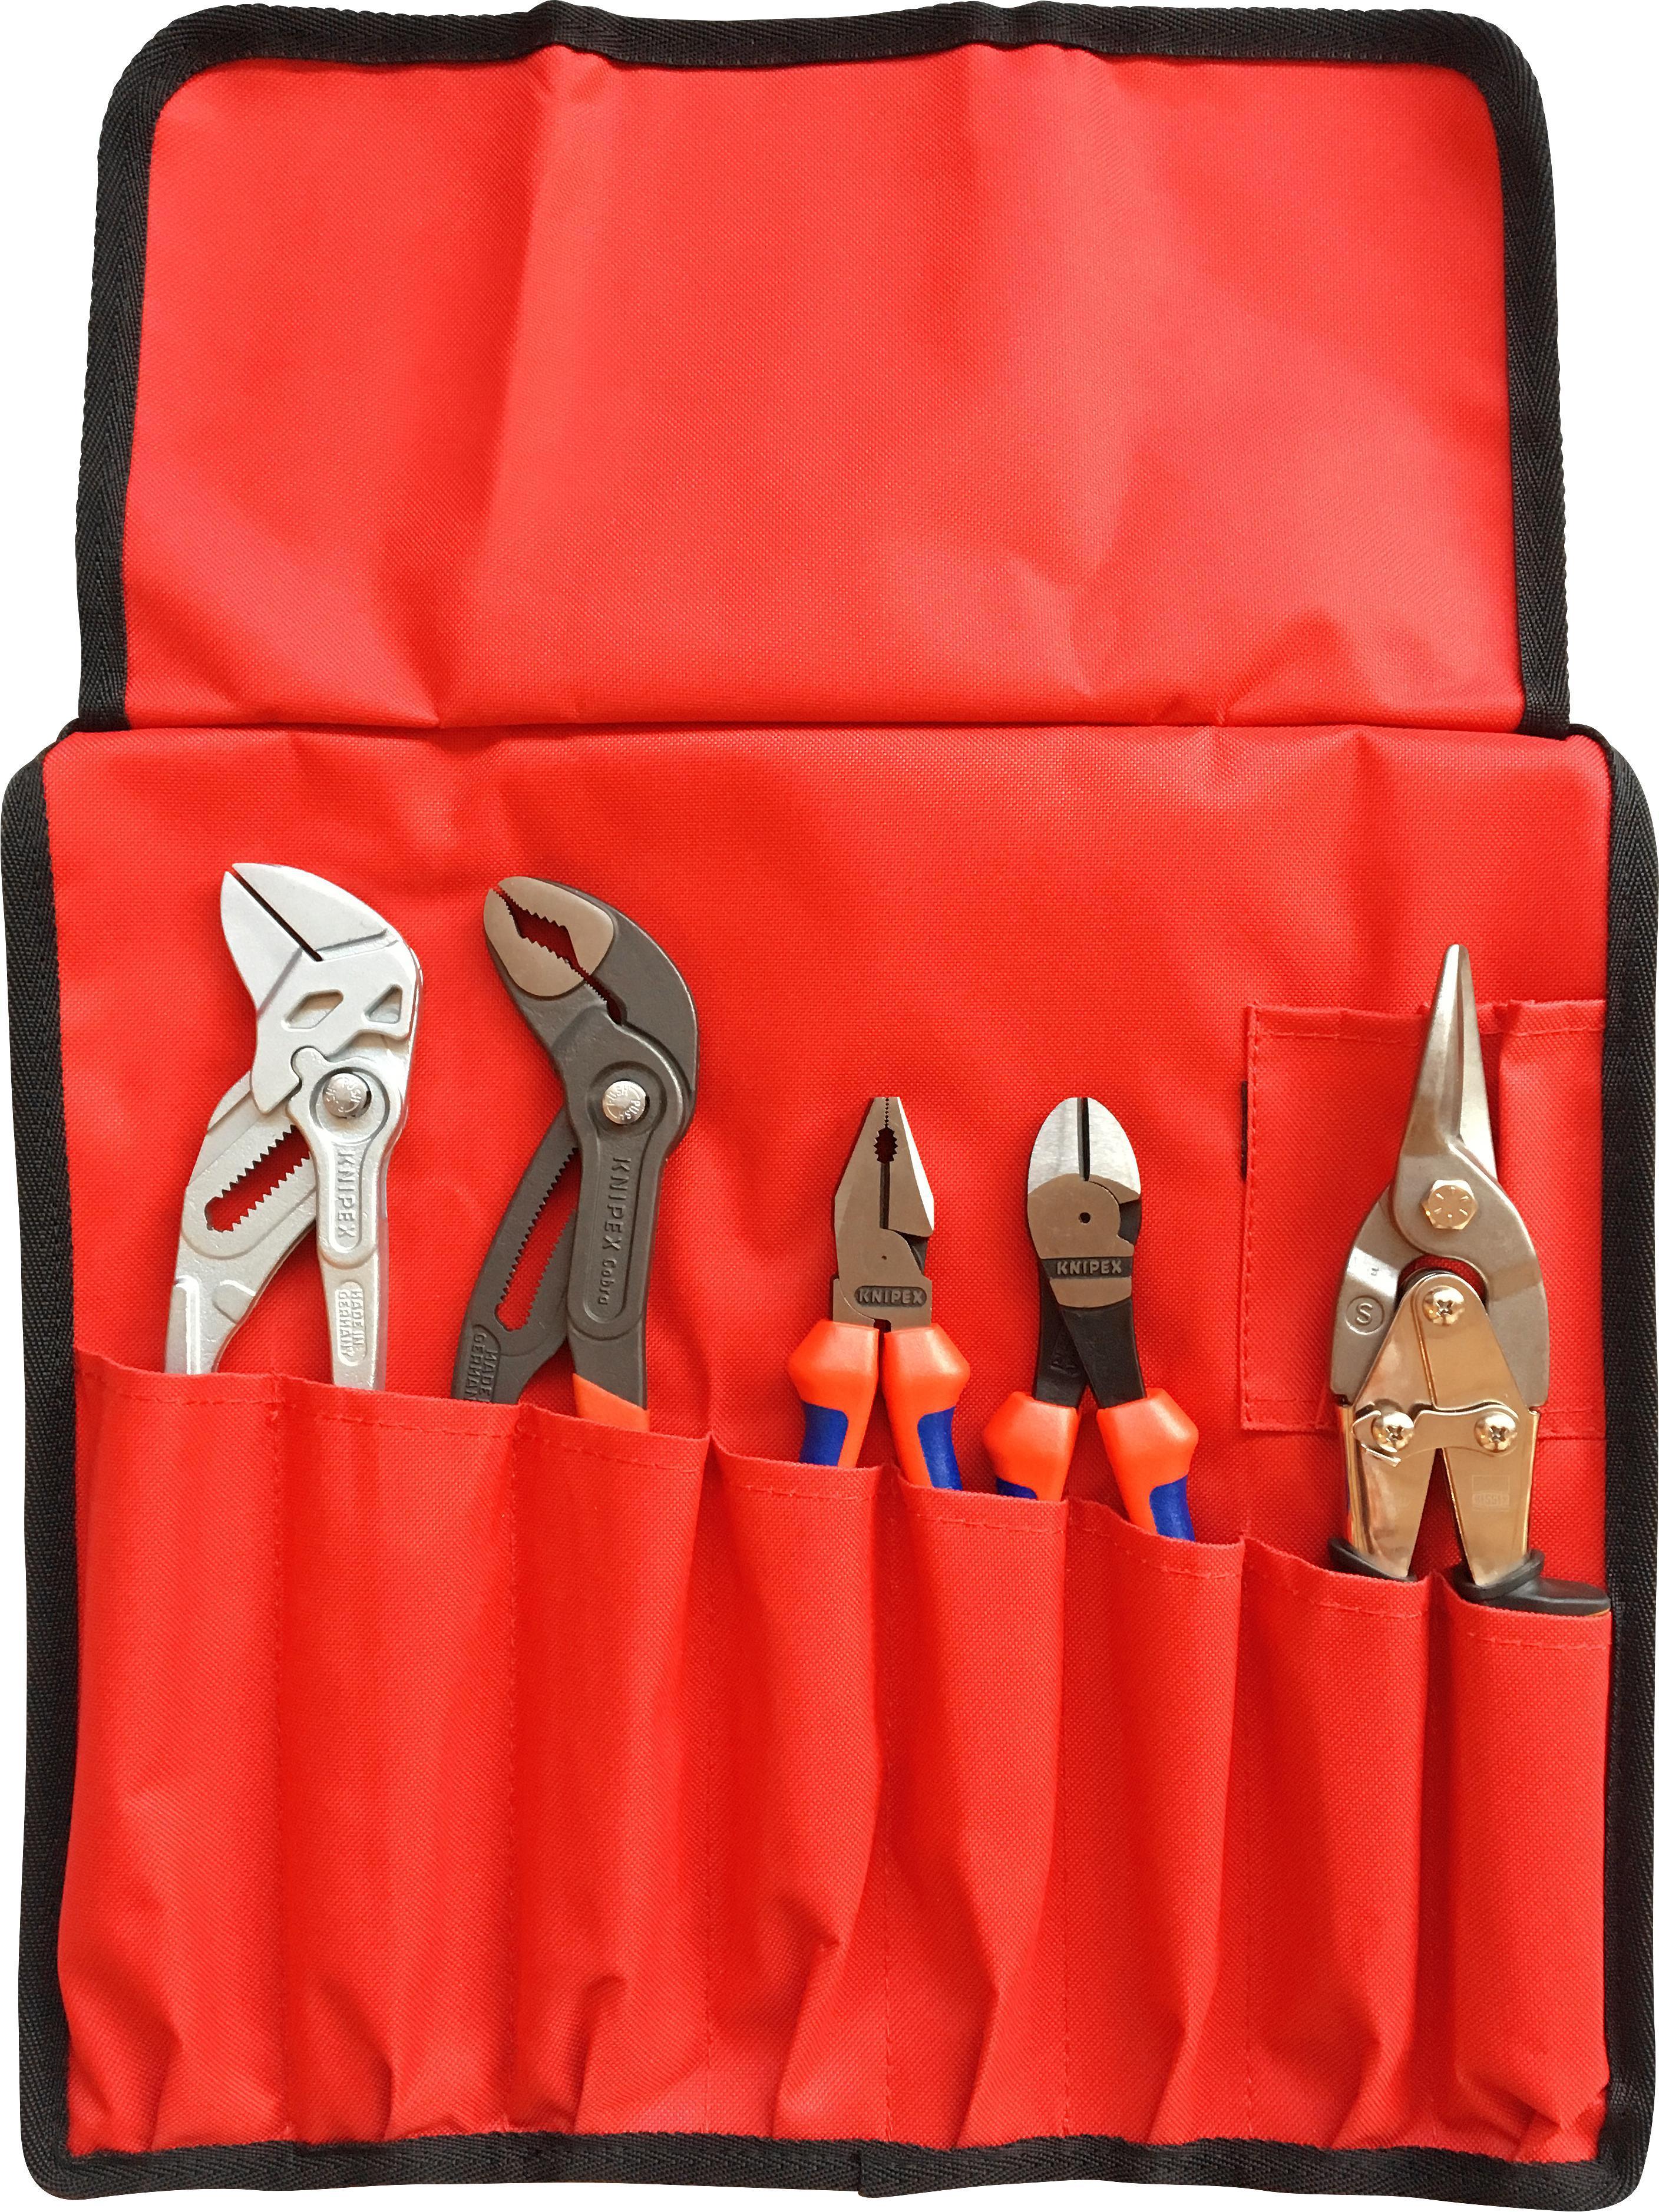 Купить Набор инструментов Knipex УНИВЕРСАЛЬНЫЙ, Германия